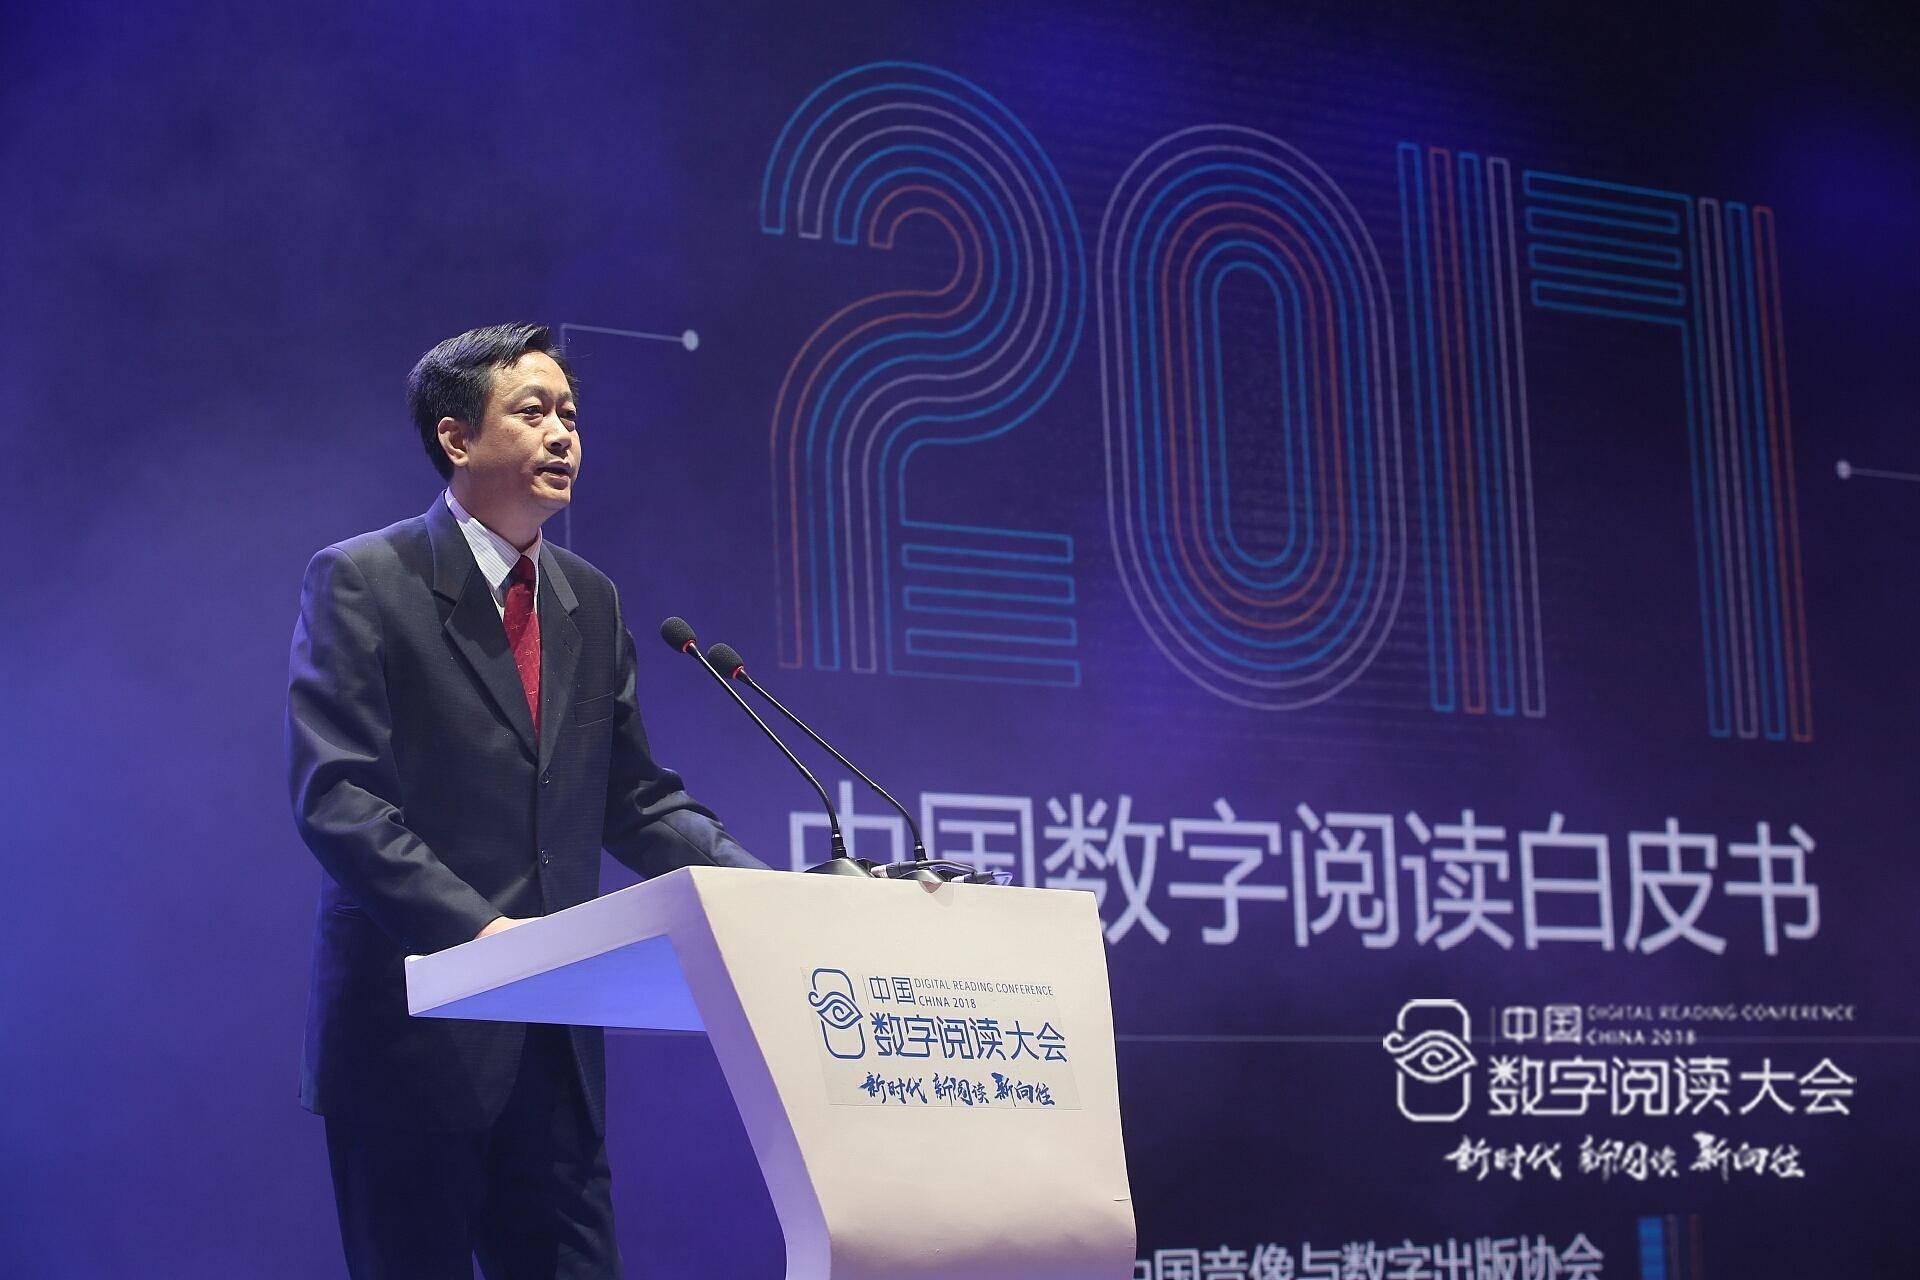 报告称2017年中国数字阅读市场规模达152亿